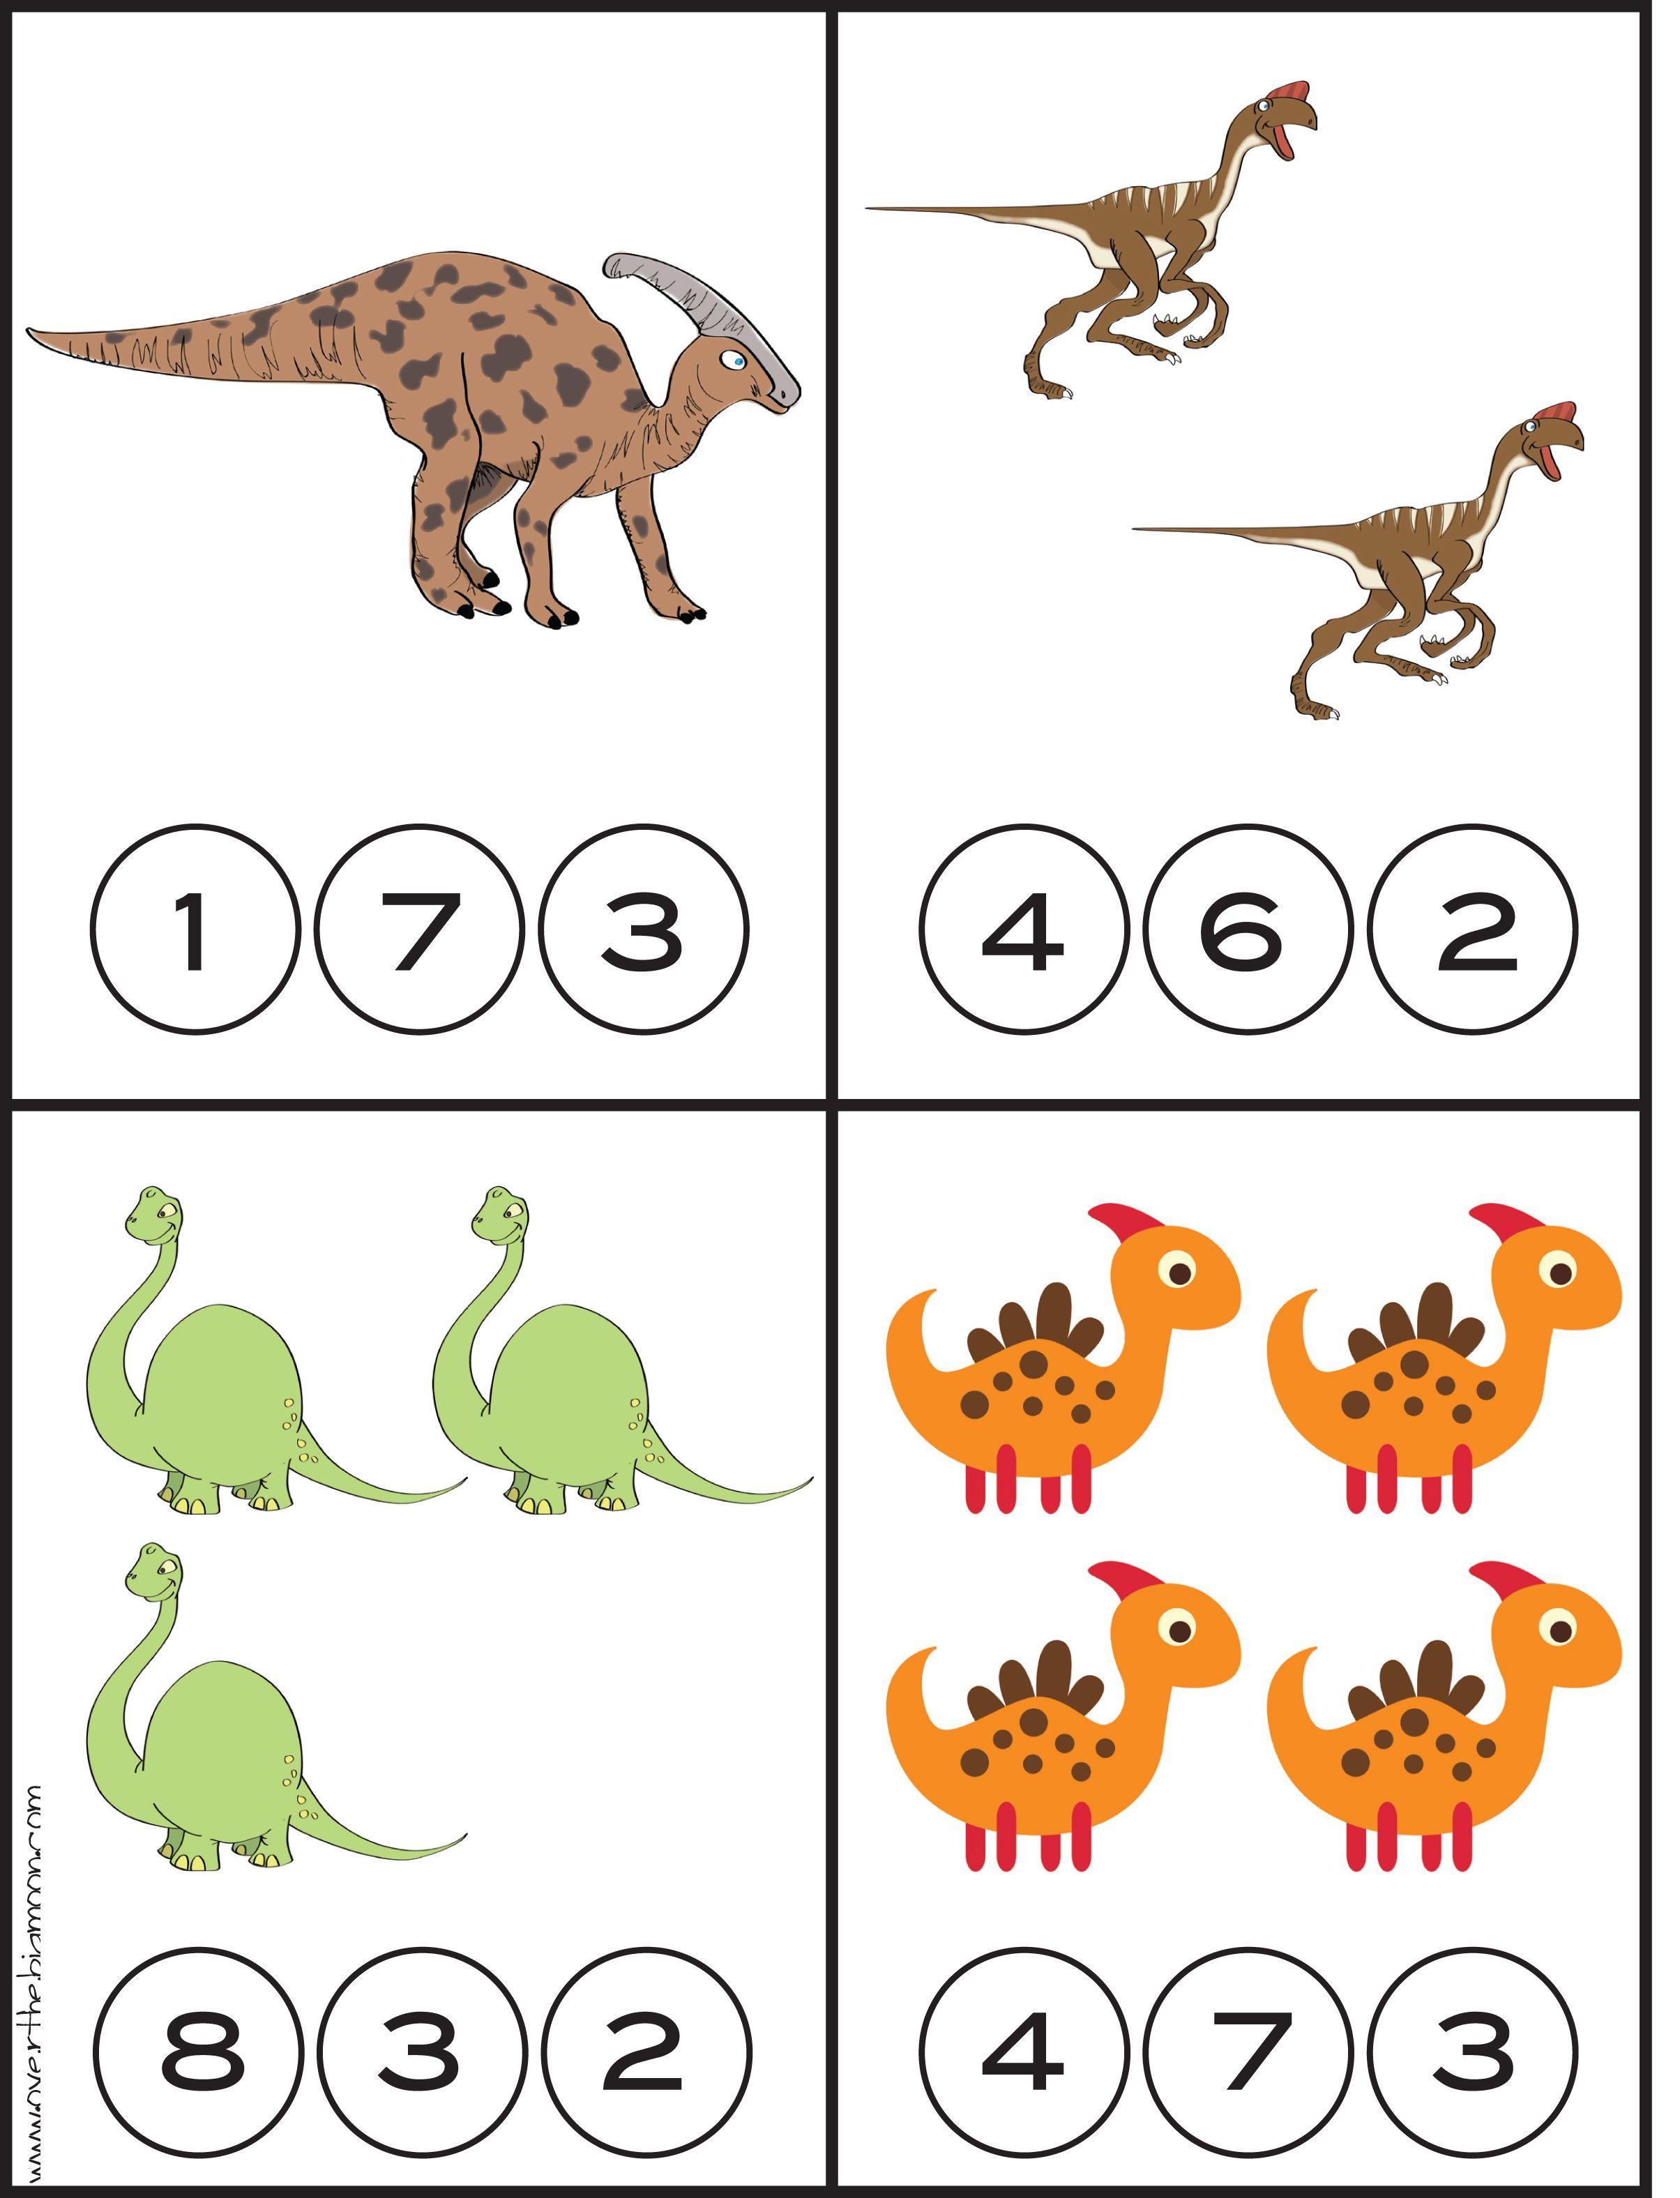 Seepferdchen Zum Ausmalen Genial Werkblad Rekenen Dino S Dinosaurios Pinterest Schön Mathe Sammlung